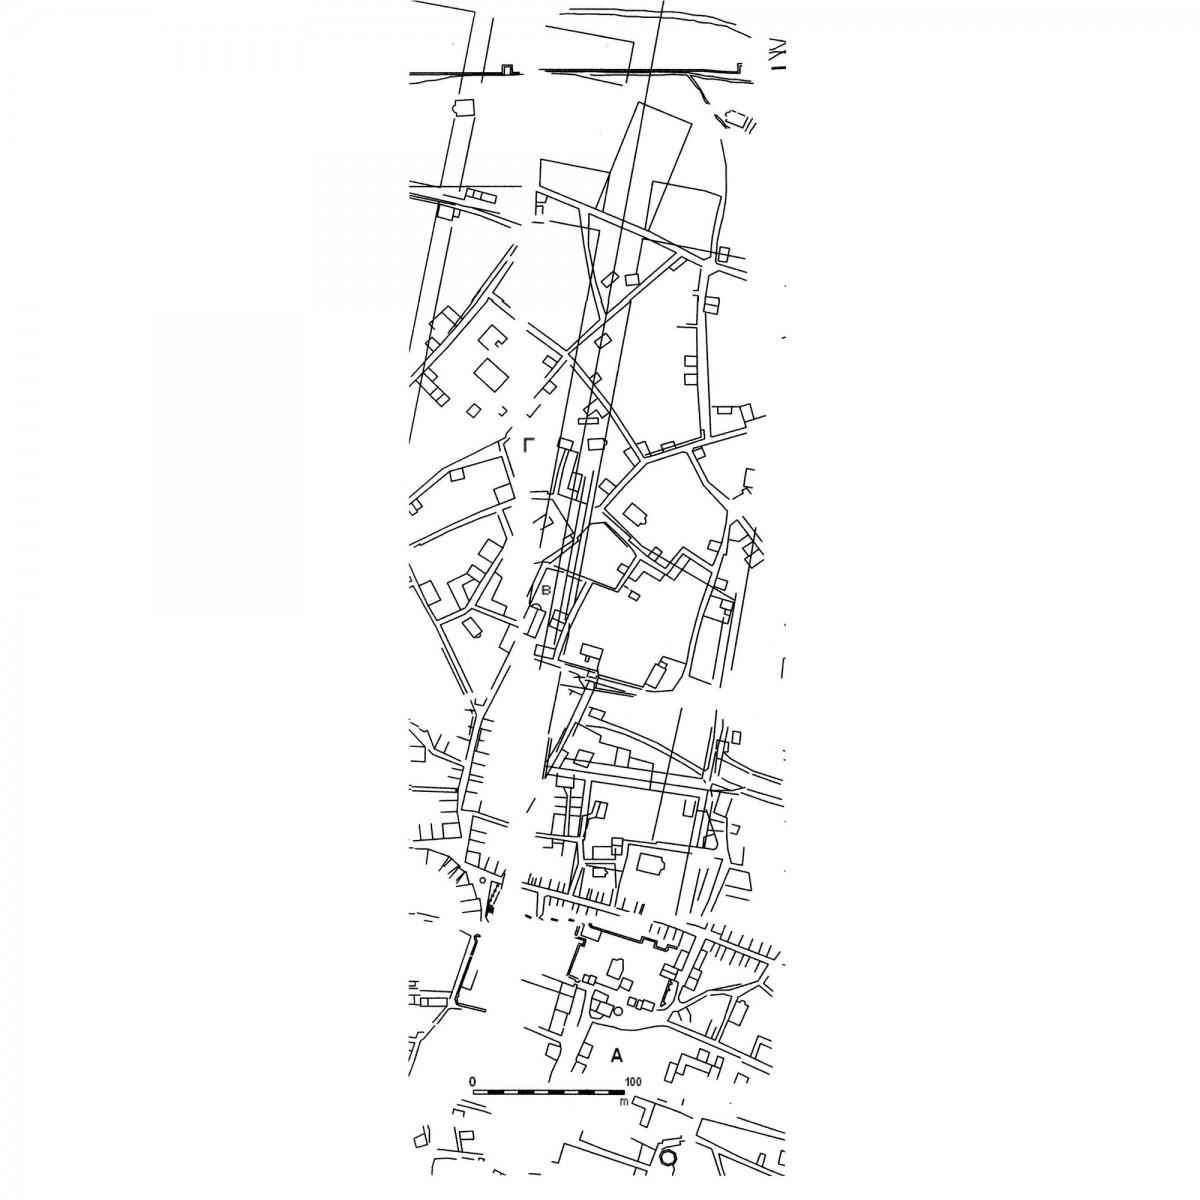 Εικ. 2. Απόσπασμα του χάρτη του Wilhelm von Weiler, του 1834 (ανασχεδίαση Δ. Ρουμπιέν). Σημειώνονται οι σχολιαζόμενες οικοδομικές νησίδες του Σταροπάζαρου (Α) και της υπό χάραξη οδού Αθηνάς (Β και Γ).